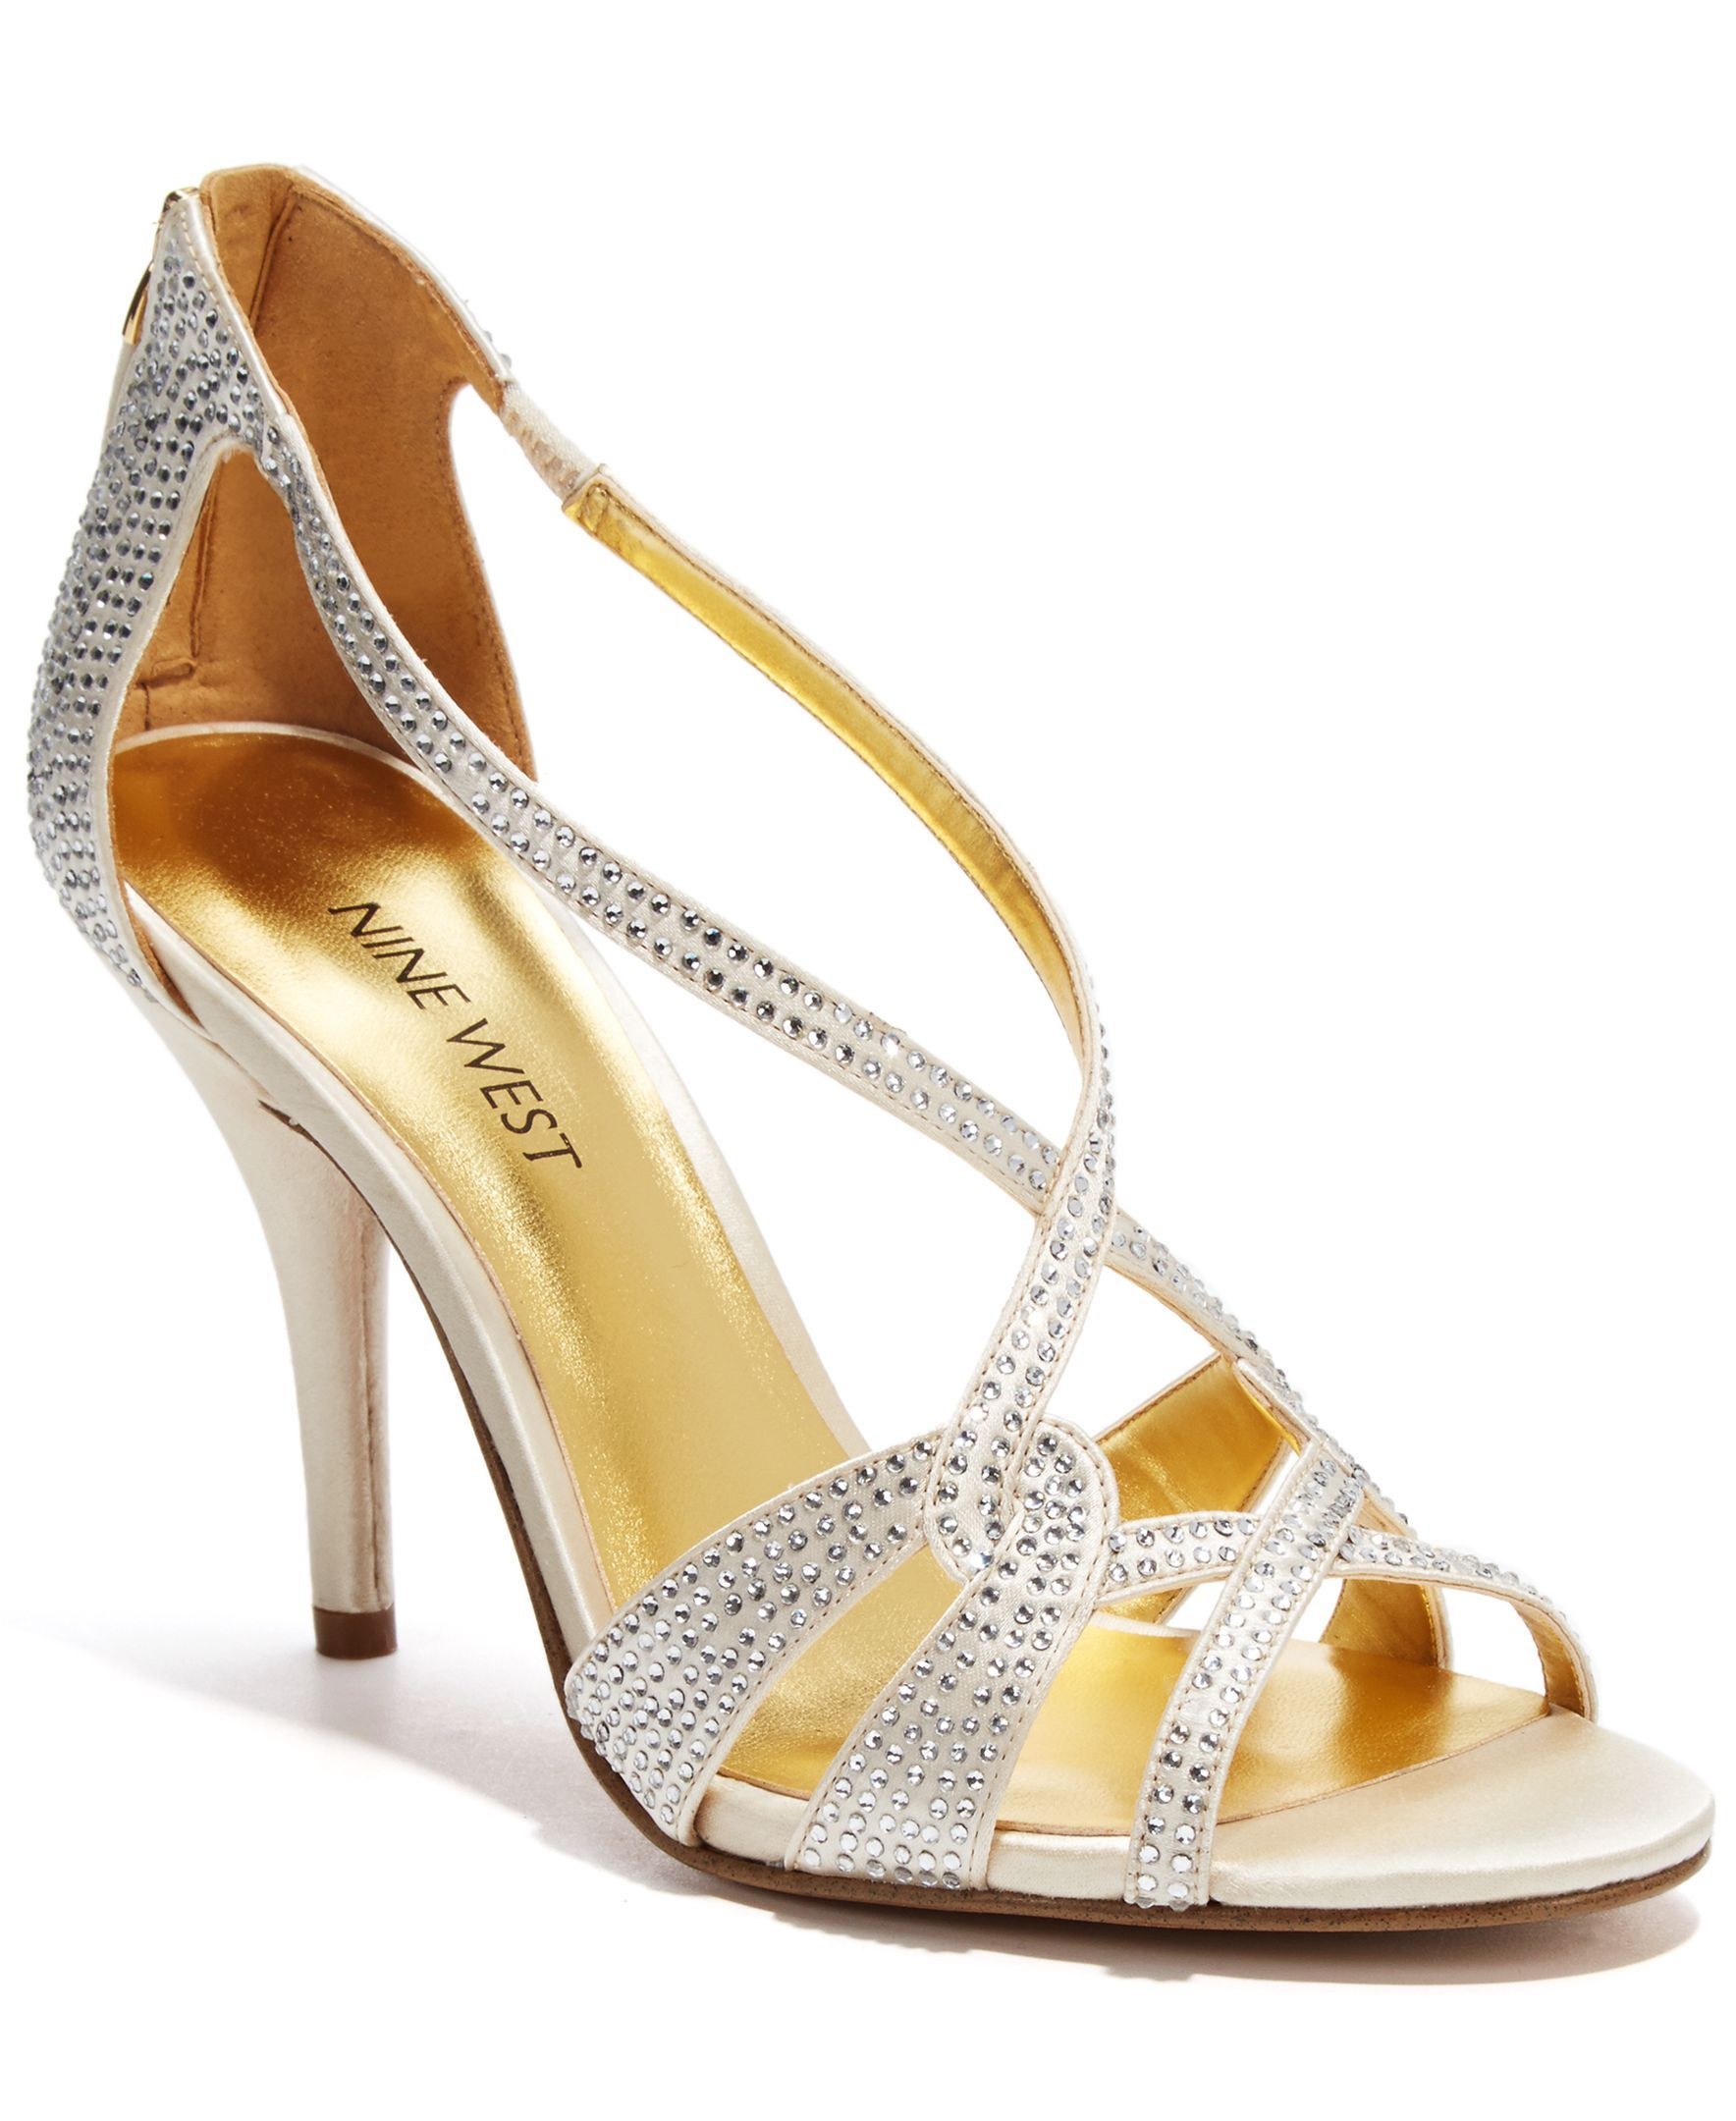 Nine West Asvelia Mid Heel Evening Sandals Evening Sandals